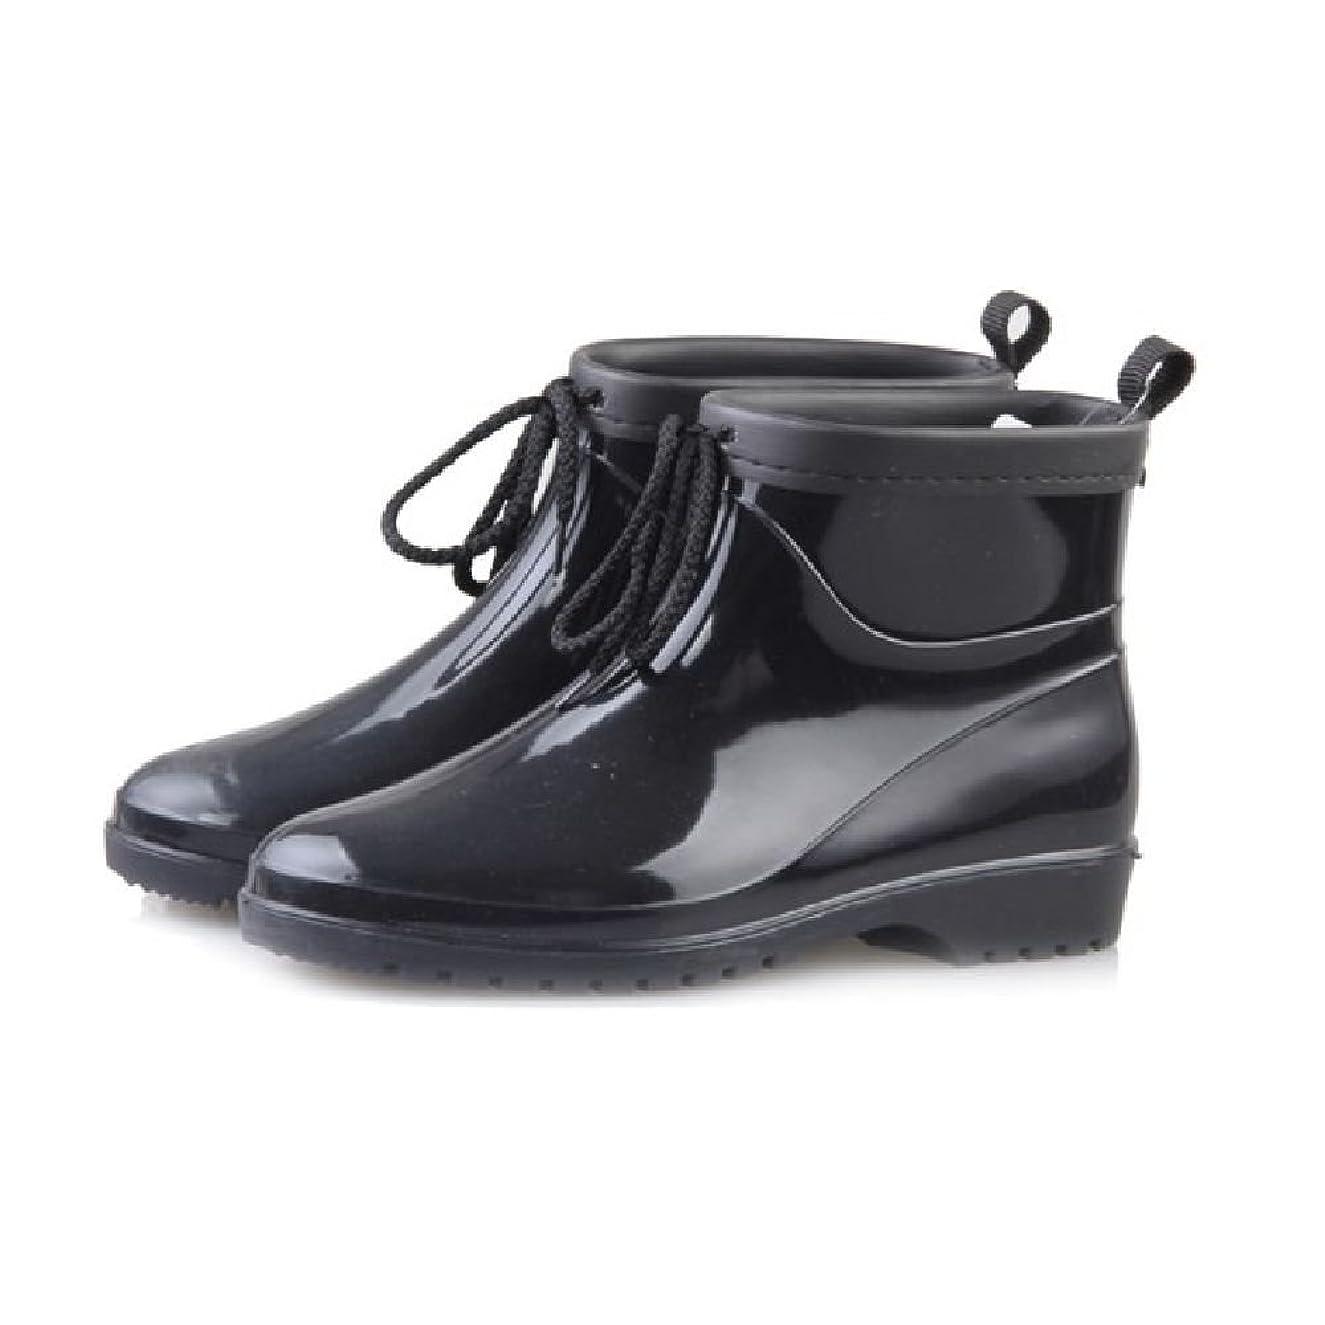 大きいギャップ効果的[ヘブンデイズ] Heaven Days レインシューズ レインブーツ ショート 雨靴 ドット柄 レディース 1704B0408